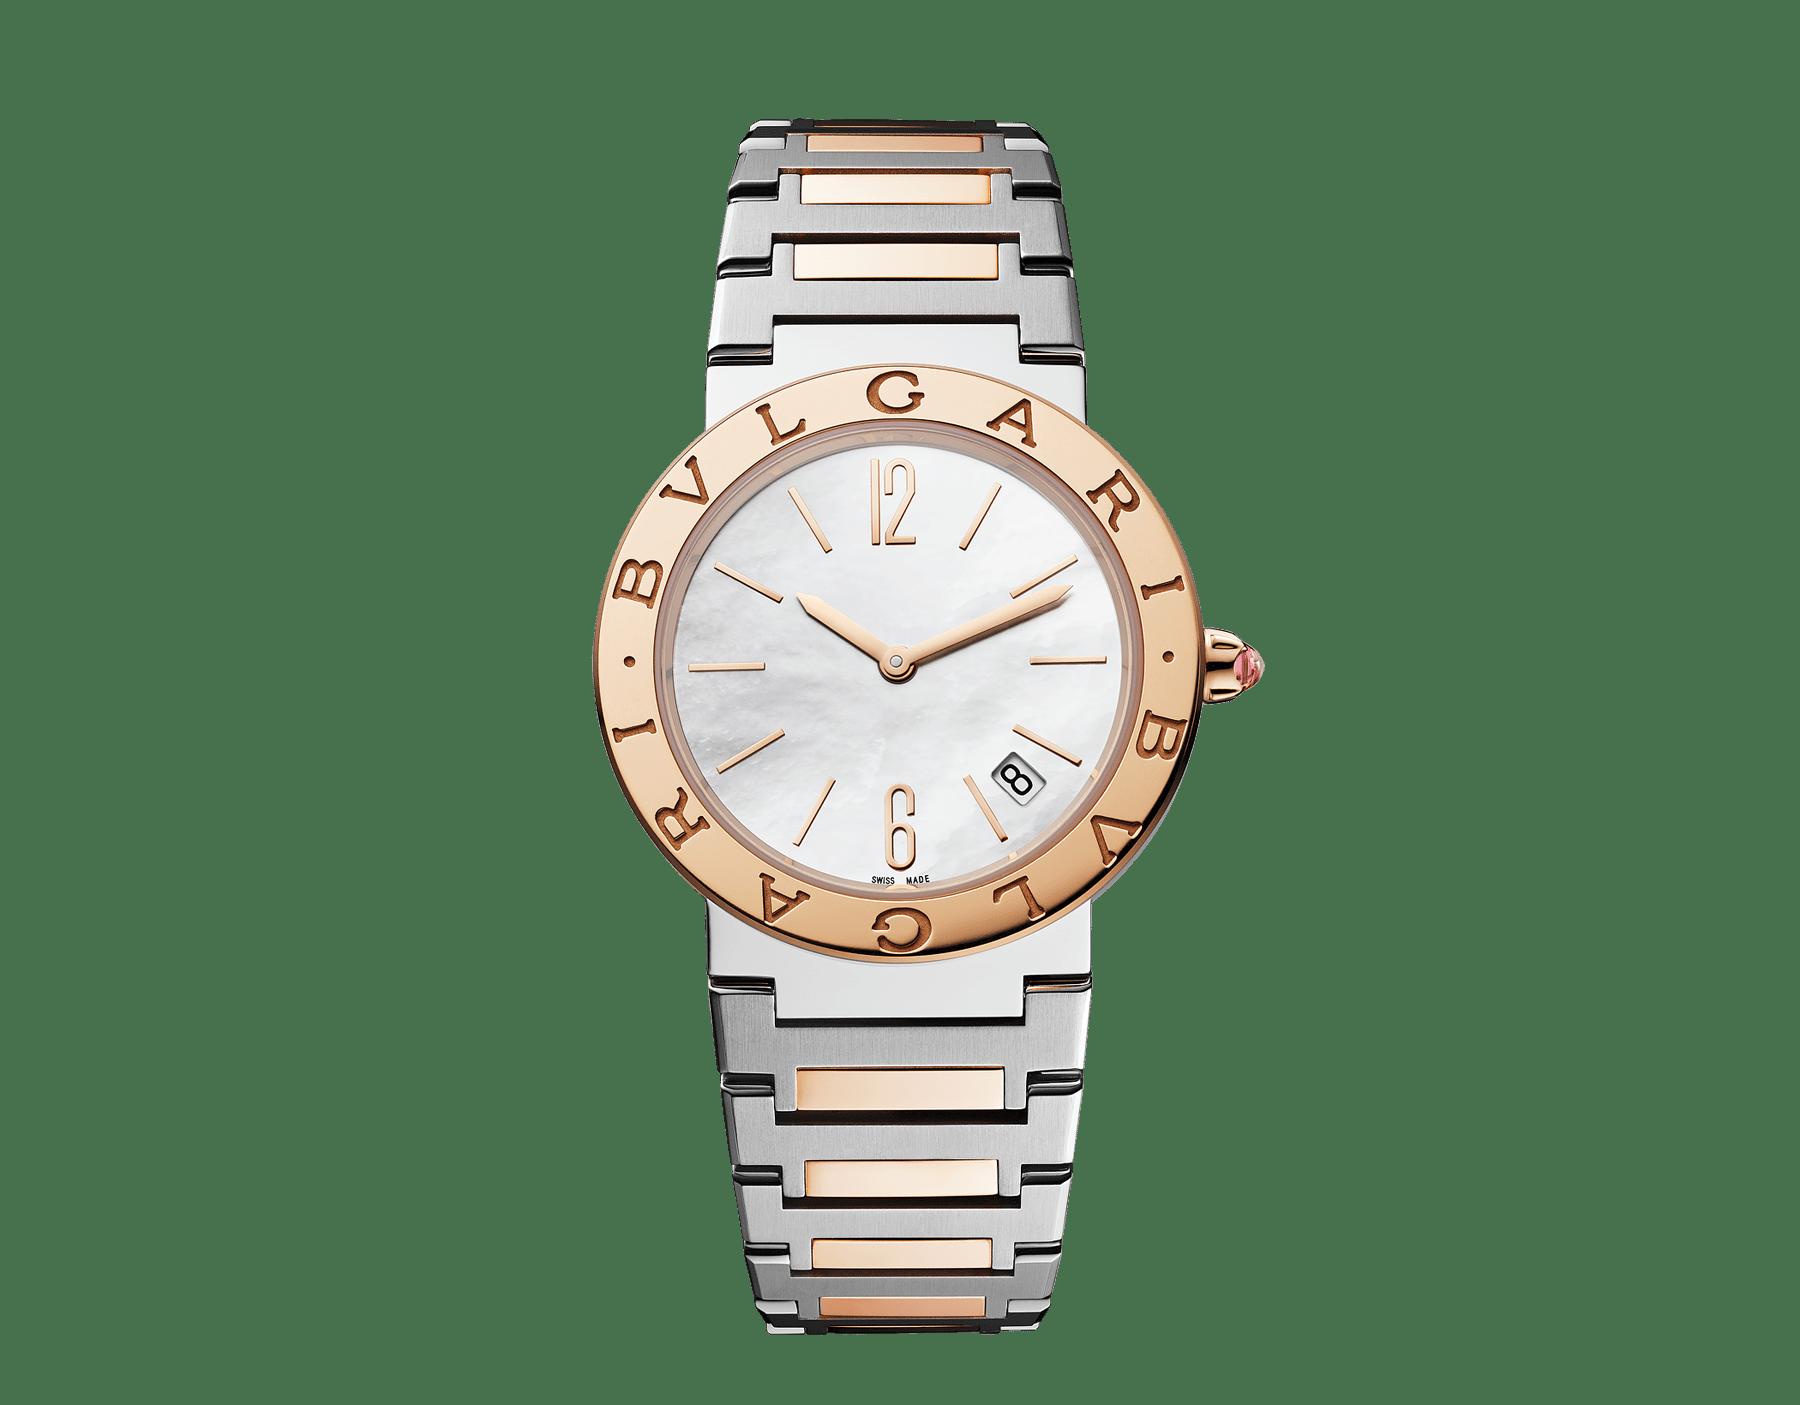 Reloj BVLGARI BVLGARI LADY con caja en acero inoxidable, bisel en oro rosa de 18qt grabado con el doble logotipo, esfera de madreperla blanca y brazalete en oro rosa de 18qt y acero inoxidable 102925 image 1